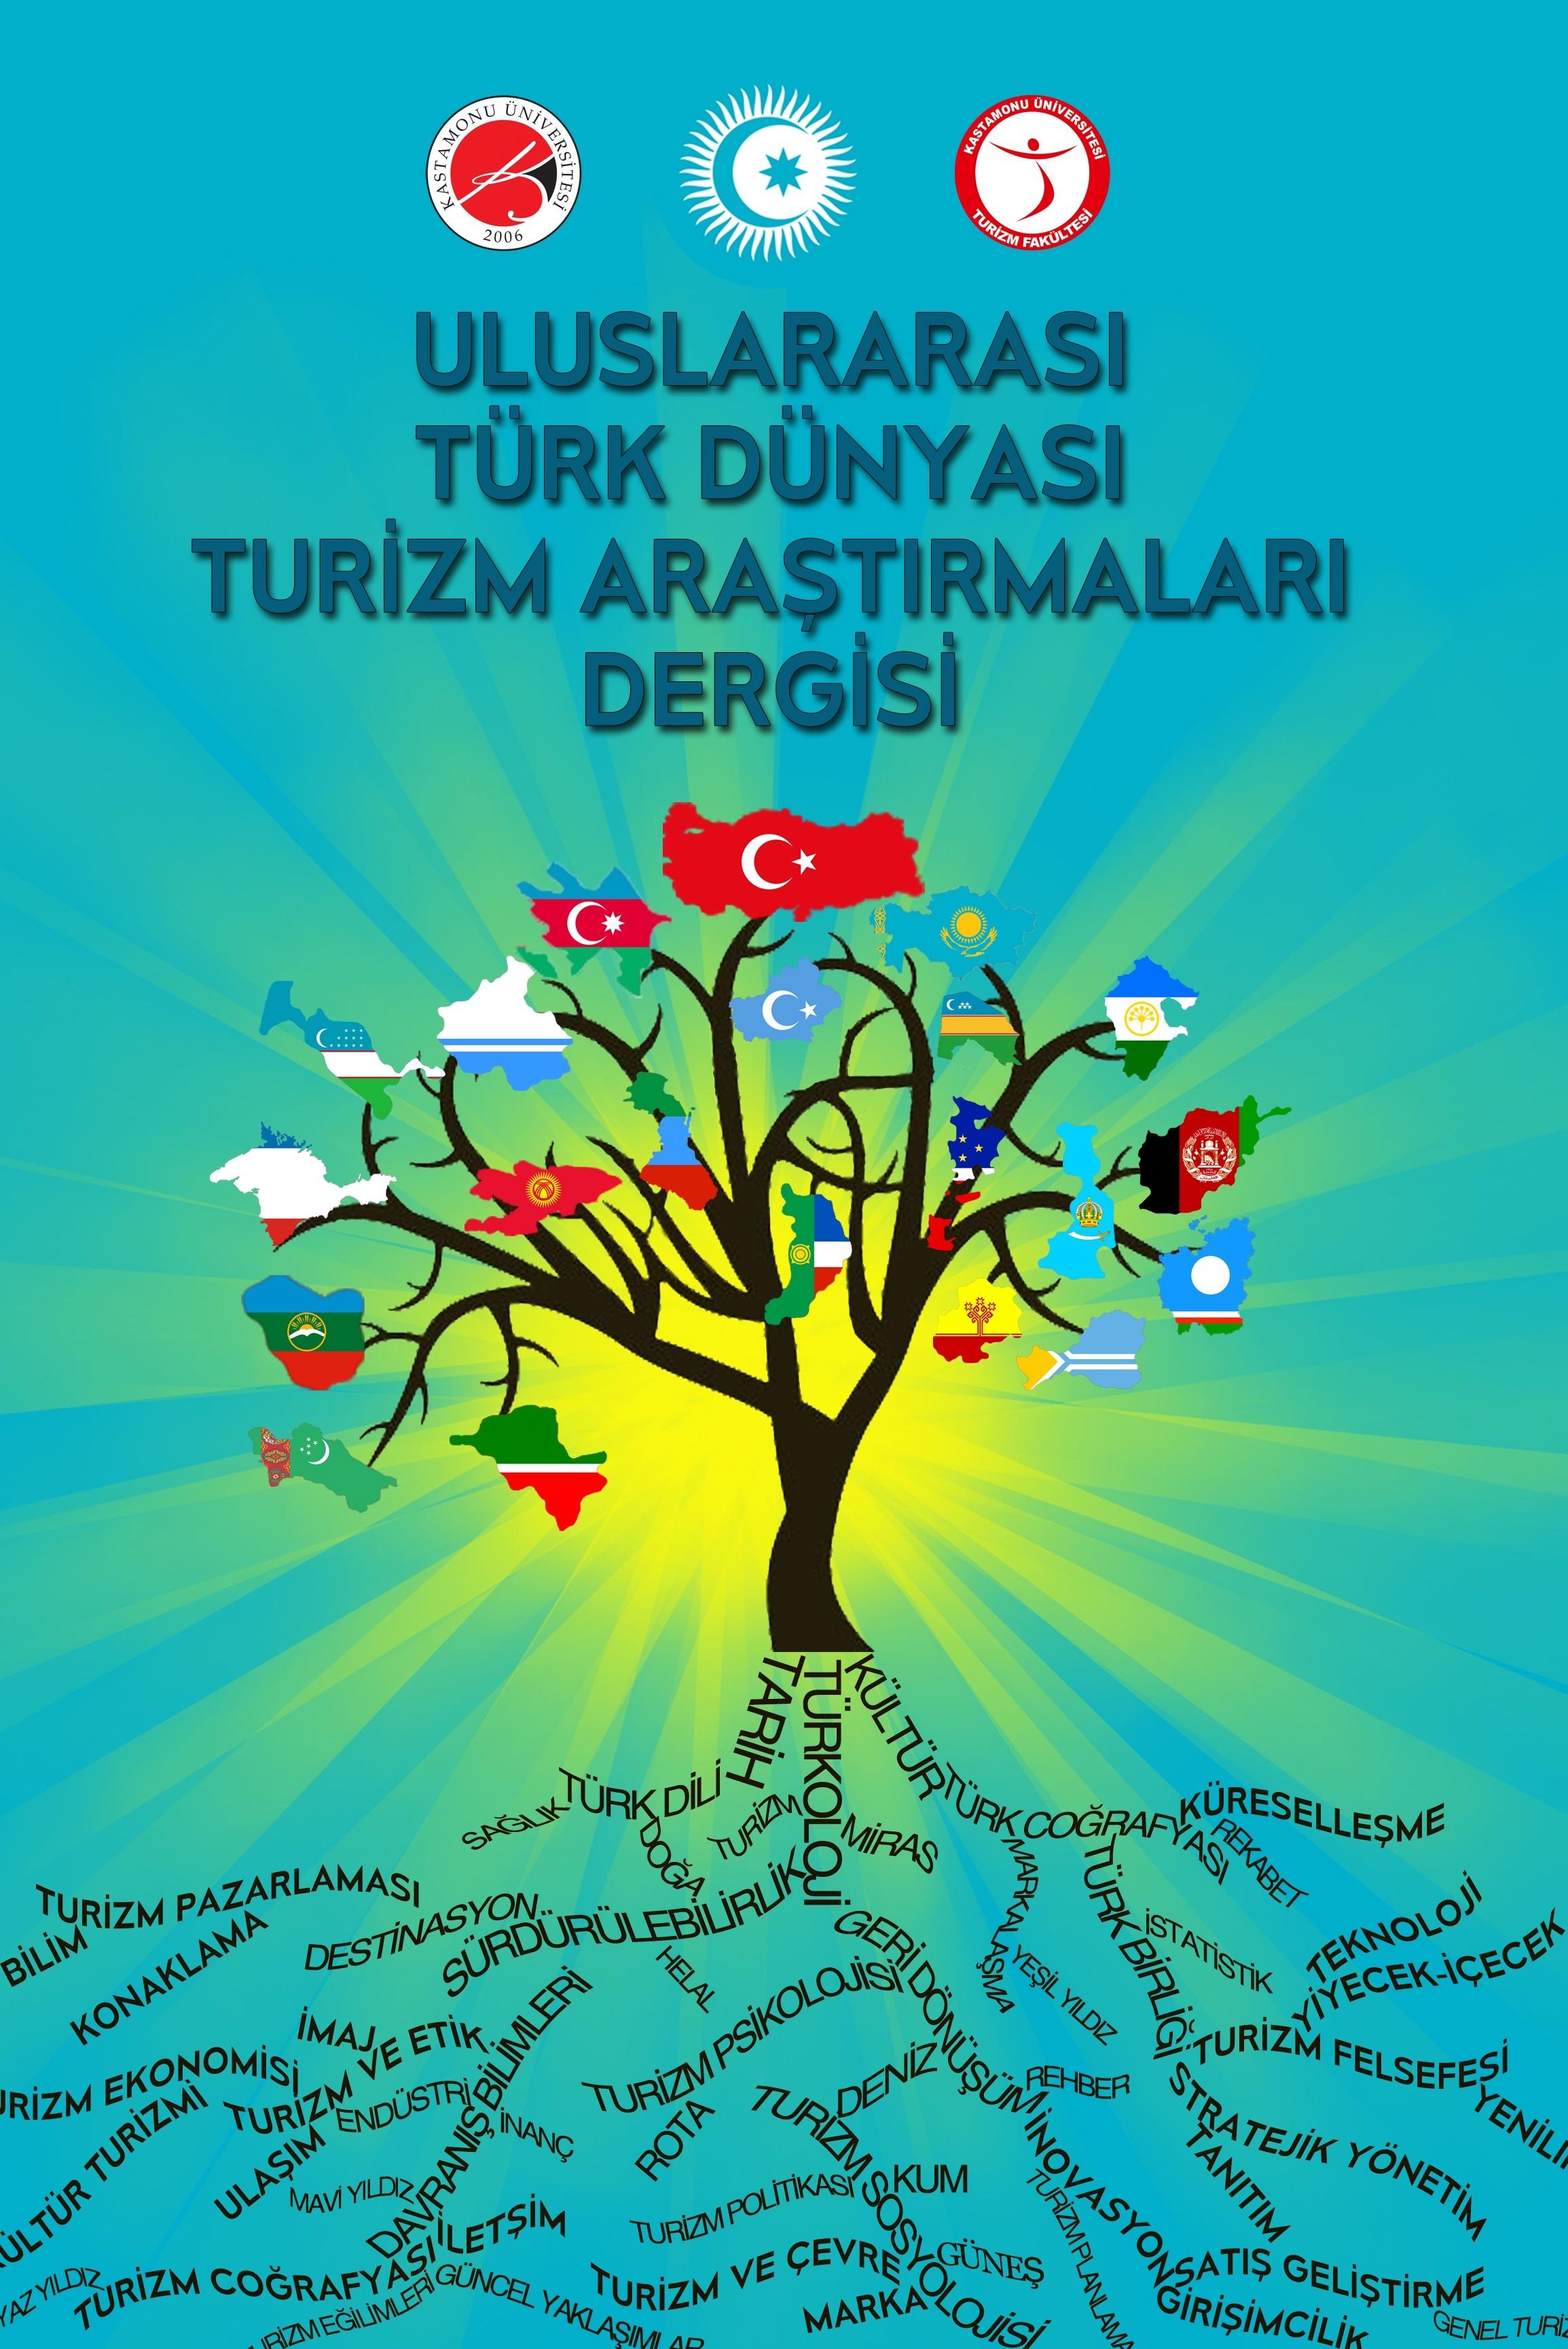 Uluslararası Türk Dünyası Turizm Araştırmaları Dergisi